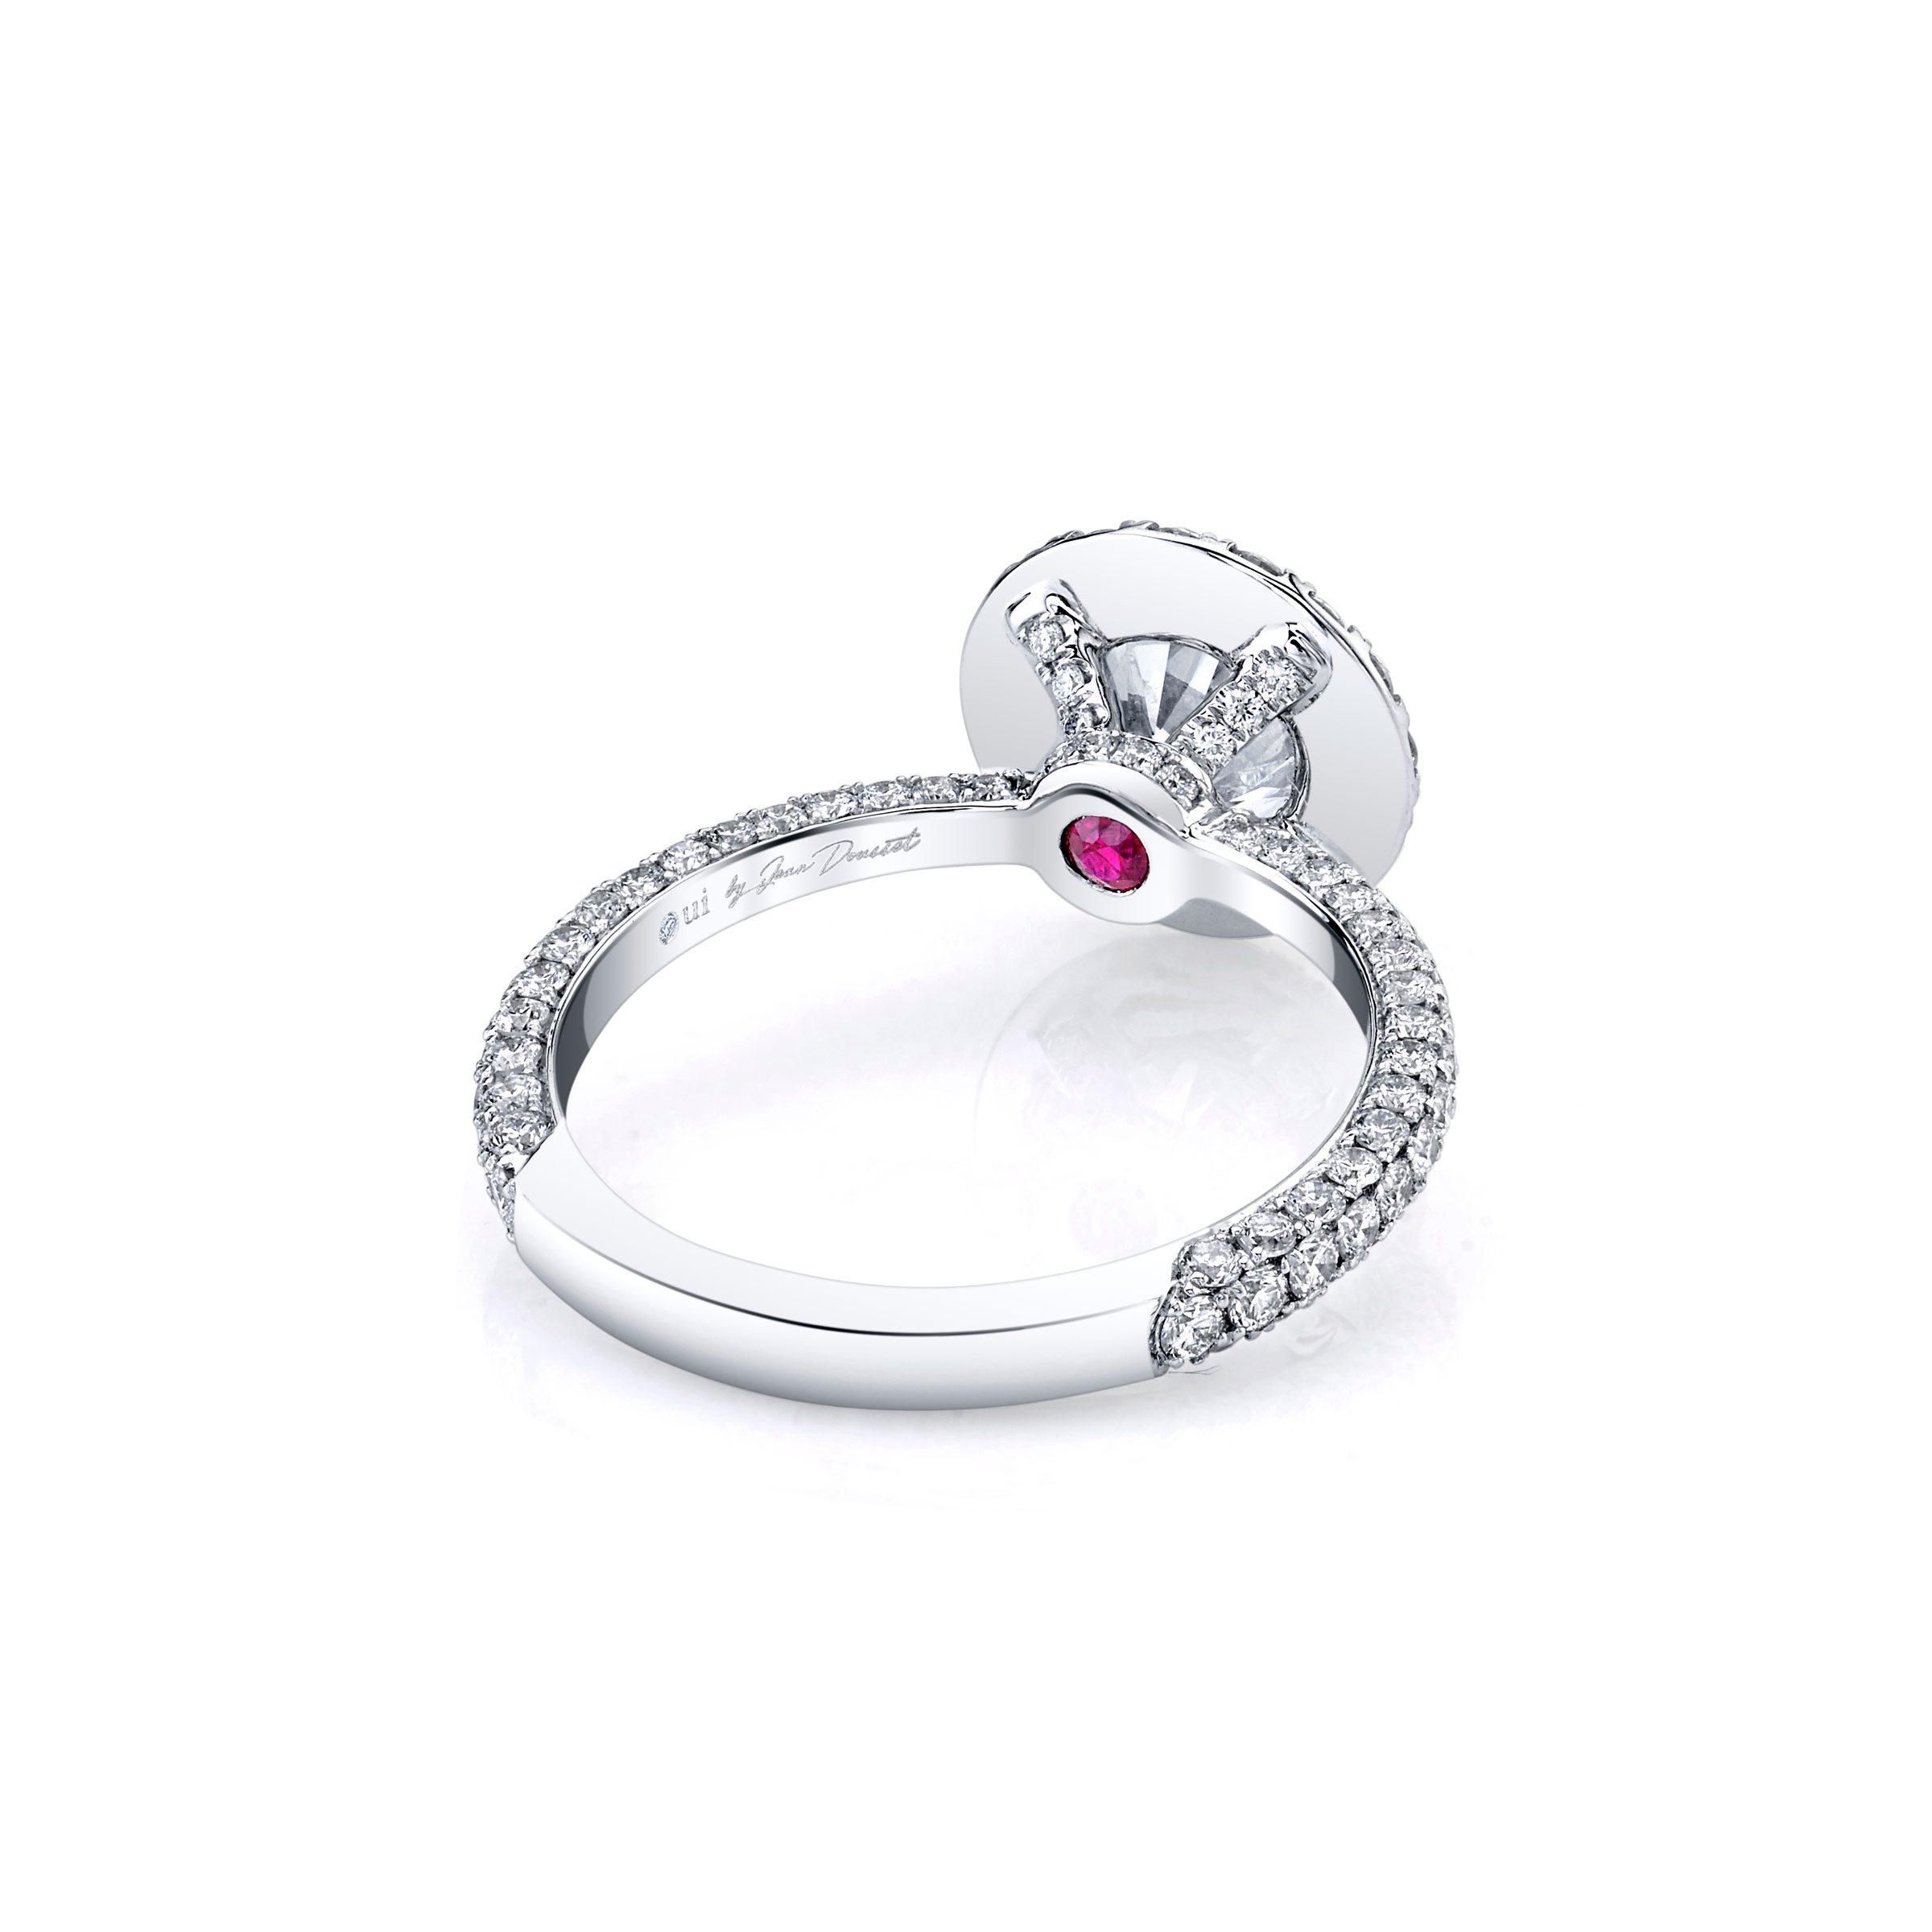 Jacqueline Seamless Halo® Round Brilliant Engagement Ring 18k White Gold Back Shot